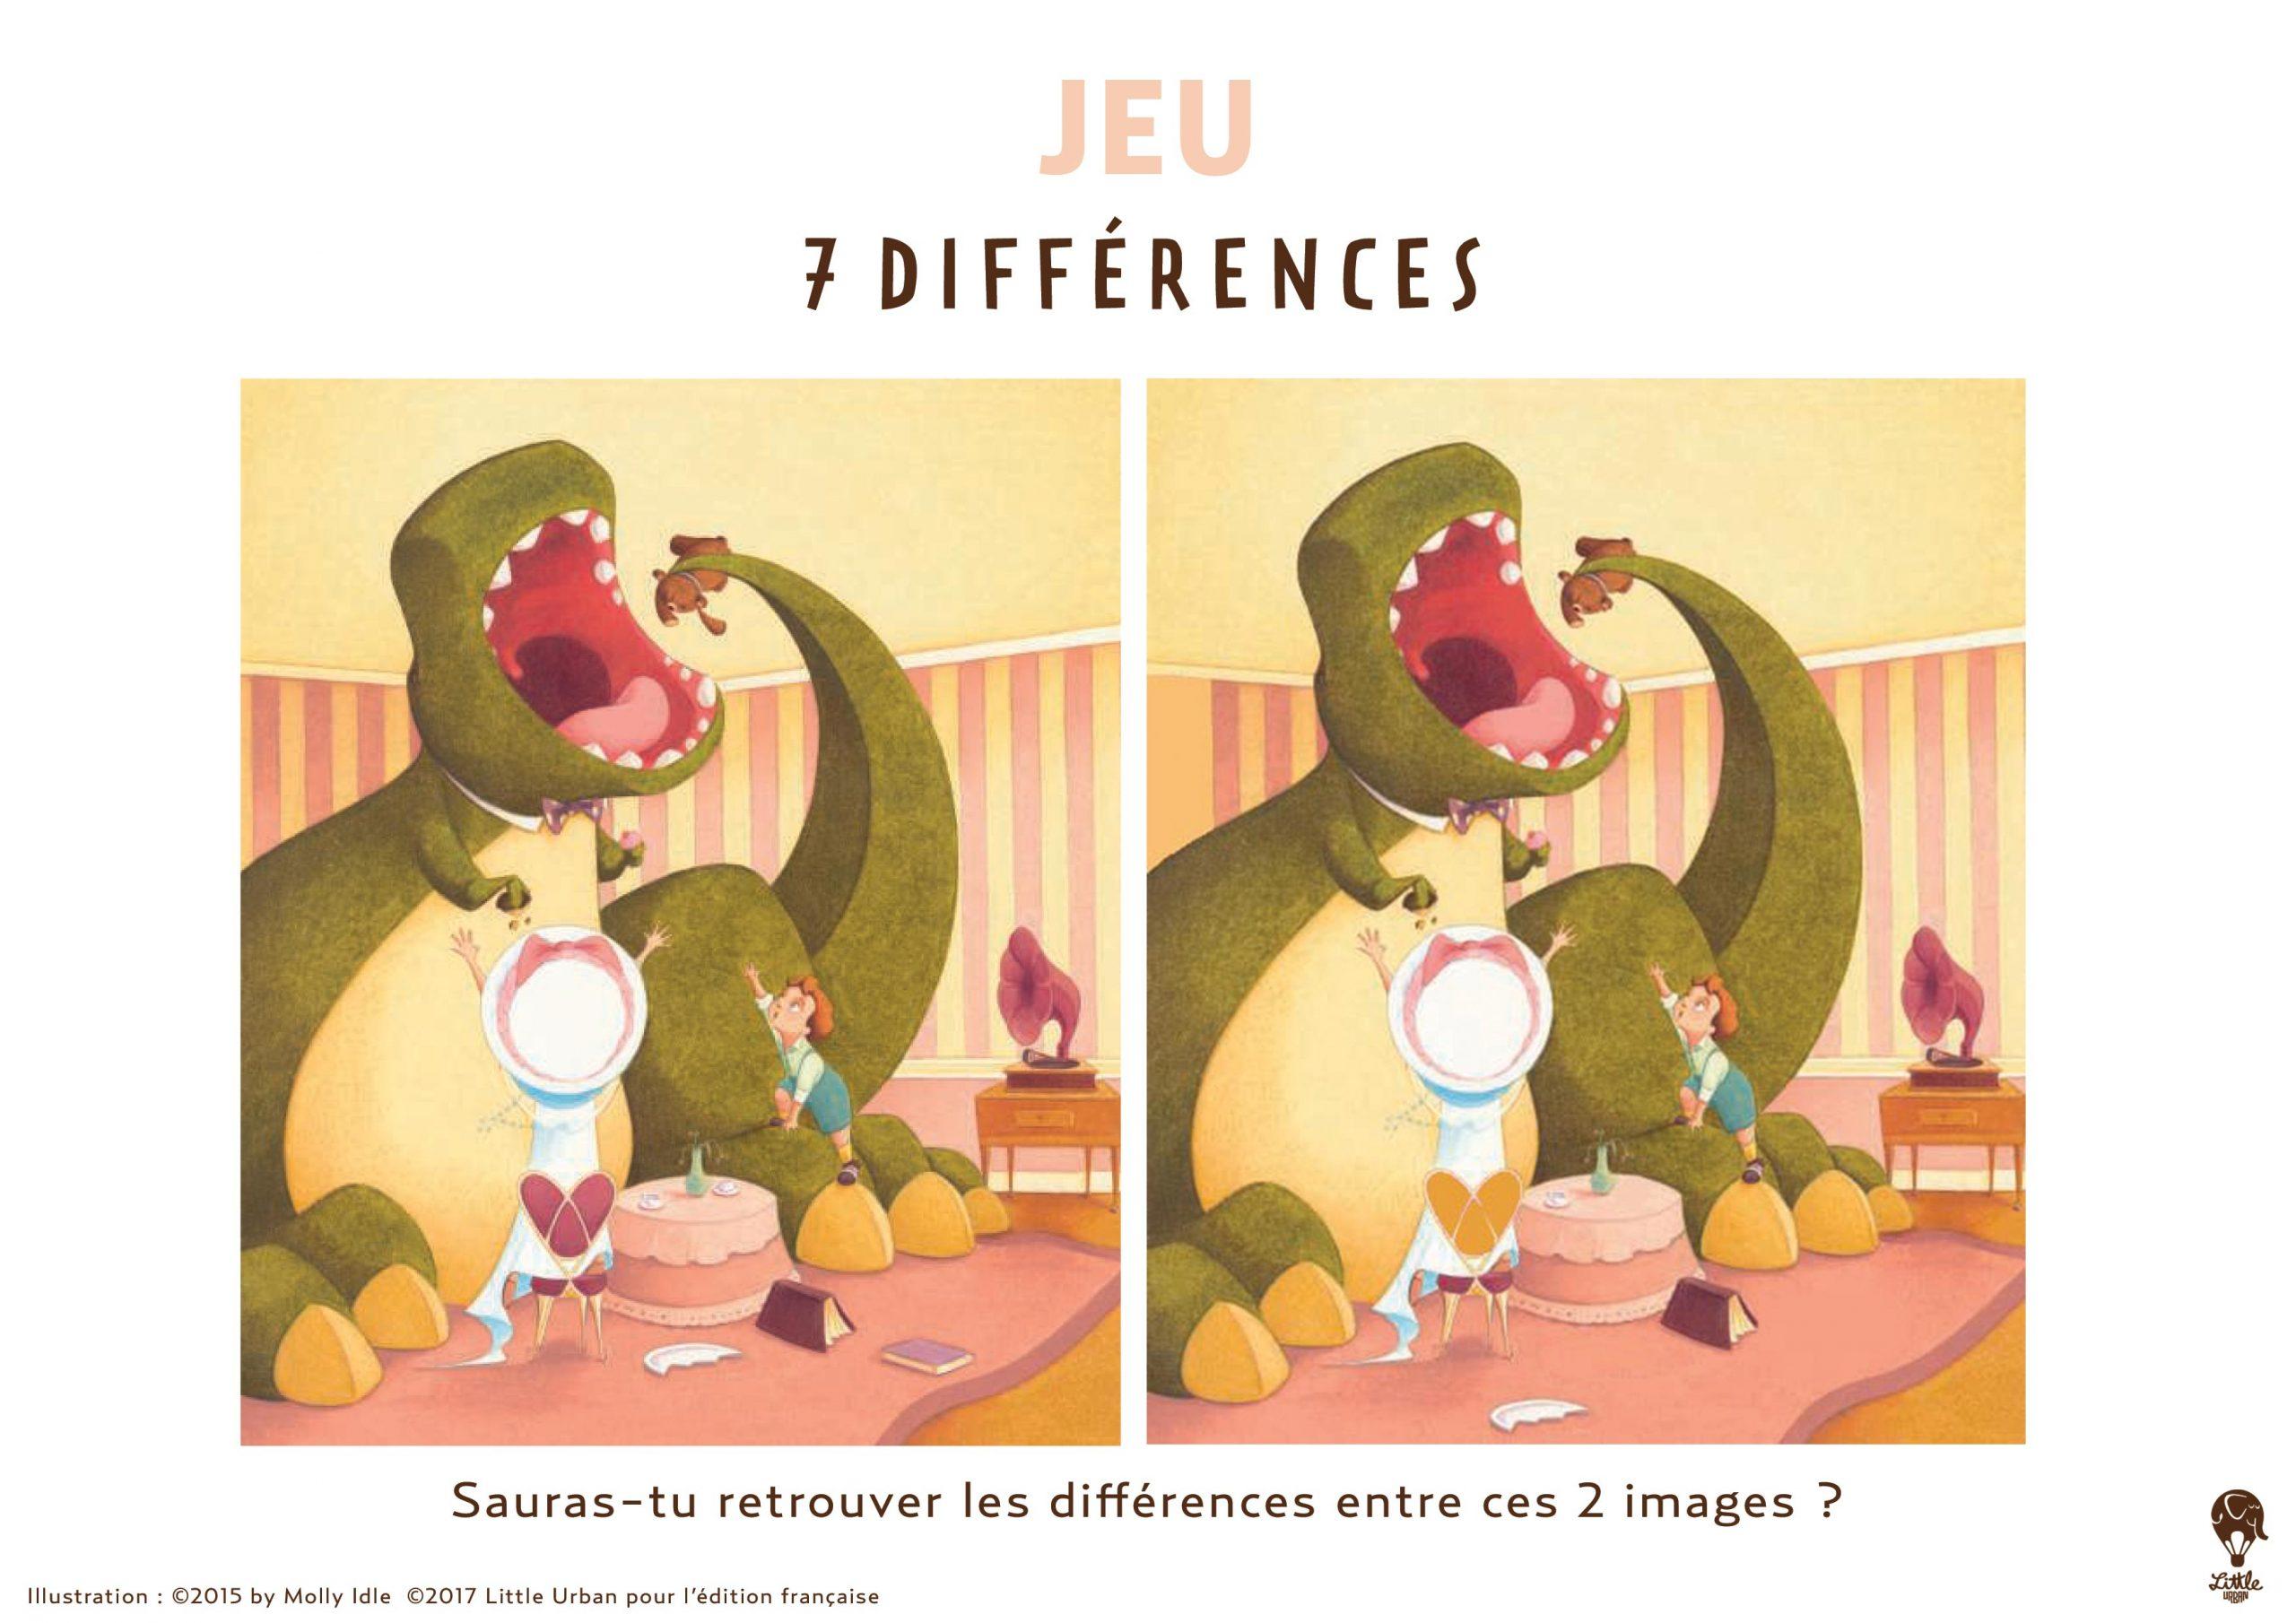 Jeu-7-Différences - Little Urban avec Jeux De Différence